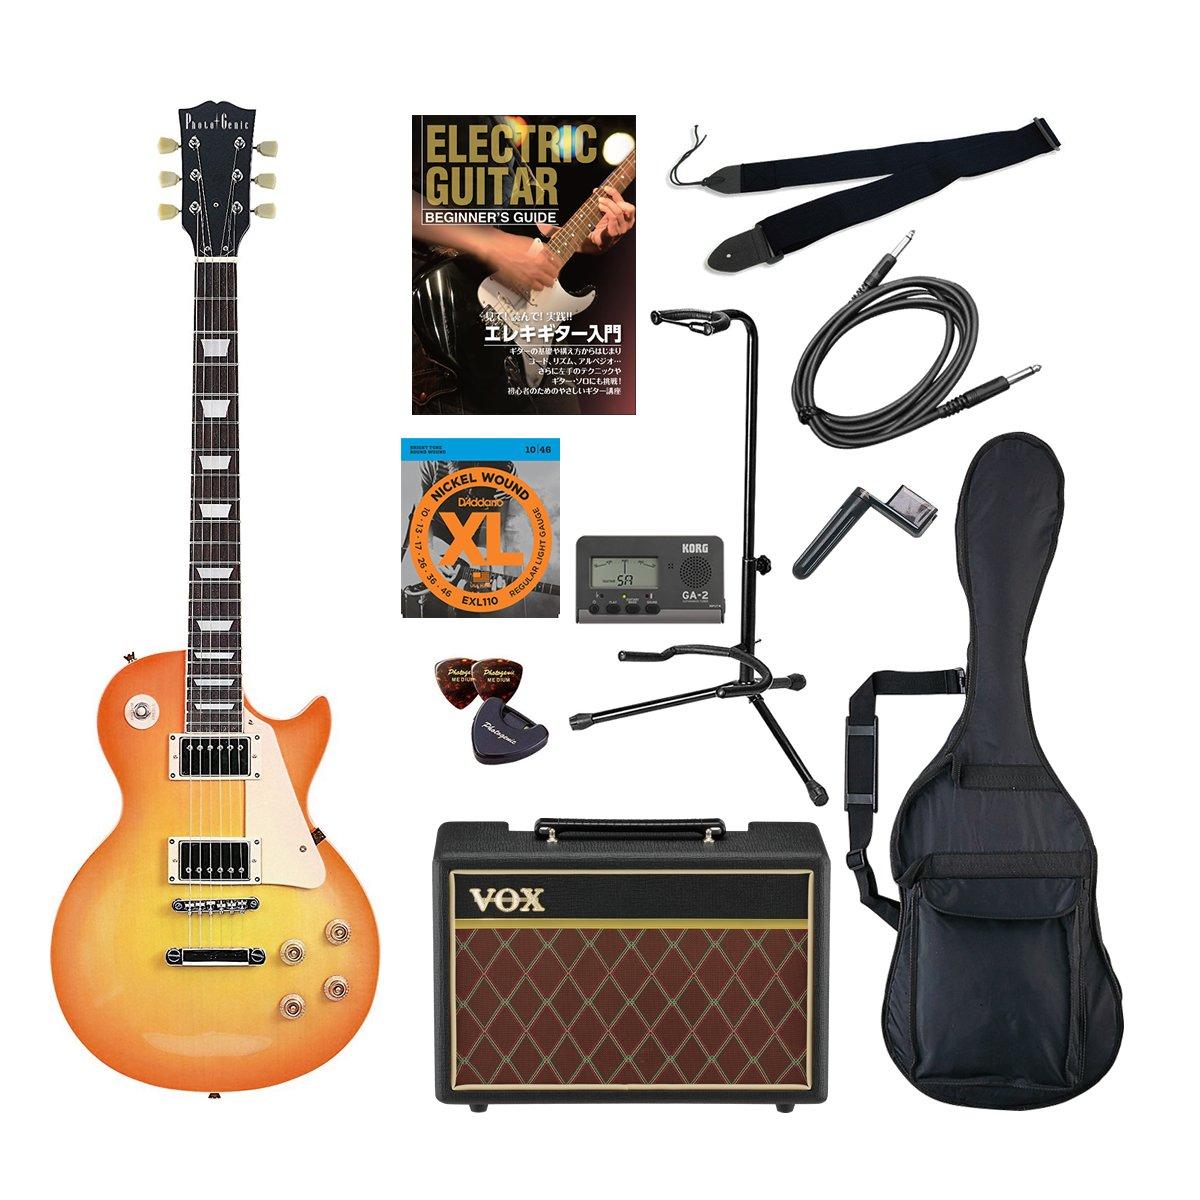 PhotoGenic エレキギター Amazonオリジナル12点 Pathfinder10セット レスポールタイプ LP-260/HB ハニーバースト B00CSHPA76 ハニーバースト ハニーバースト